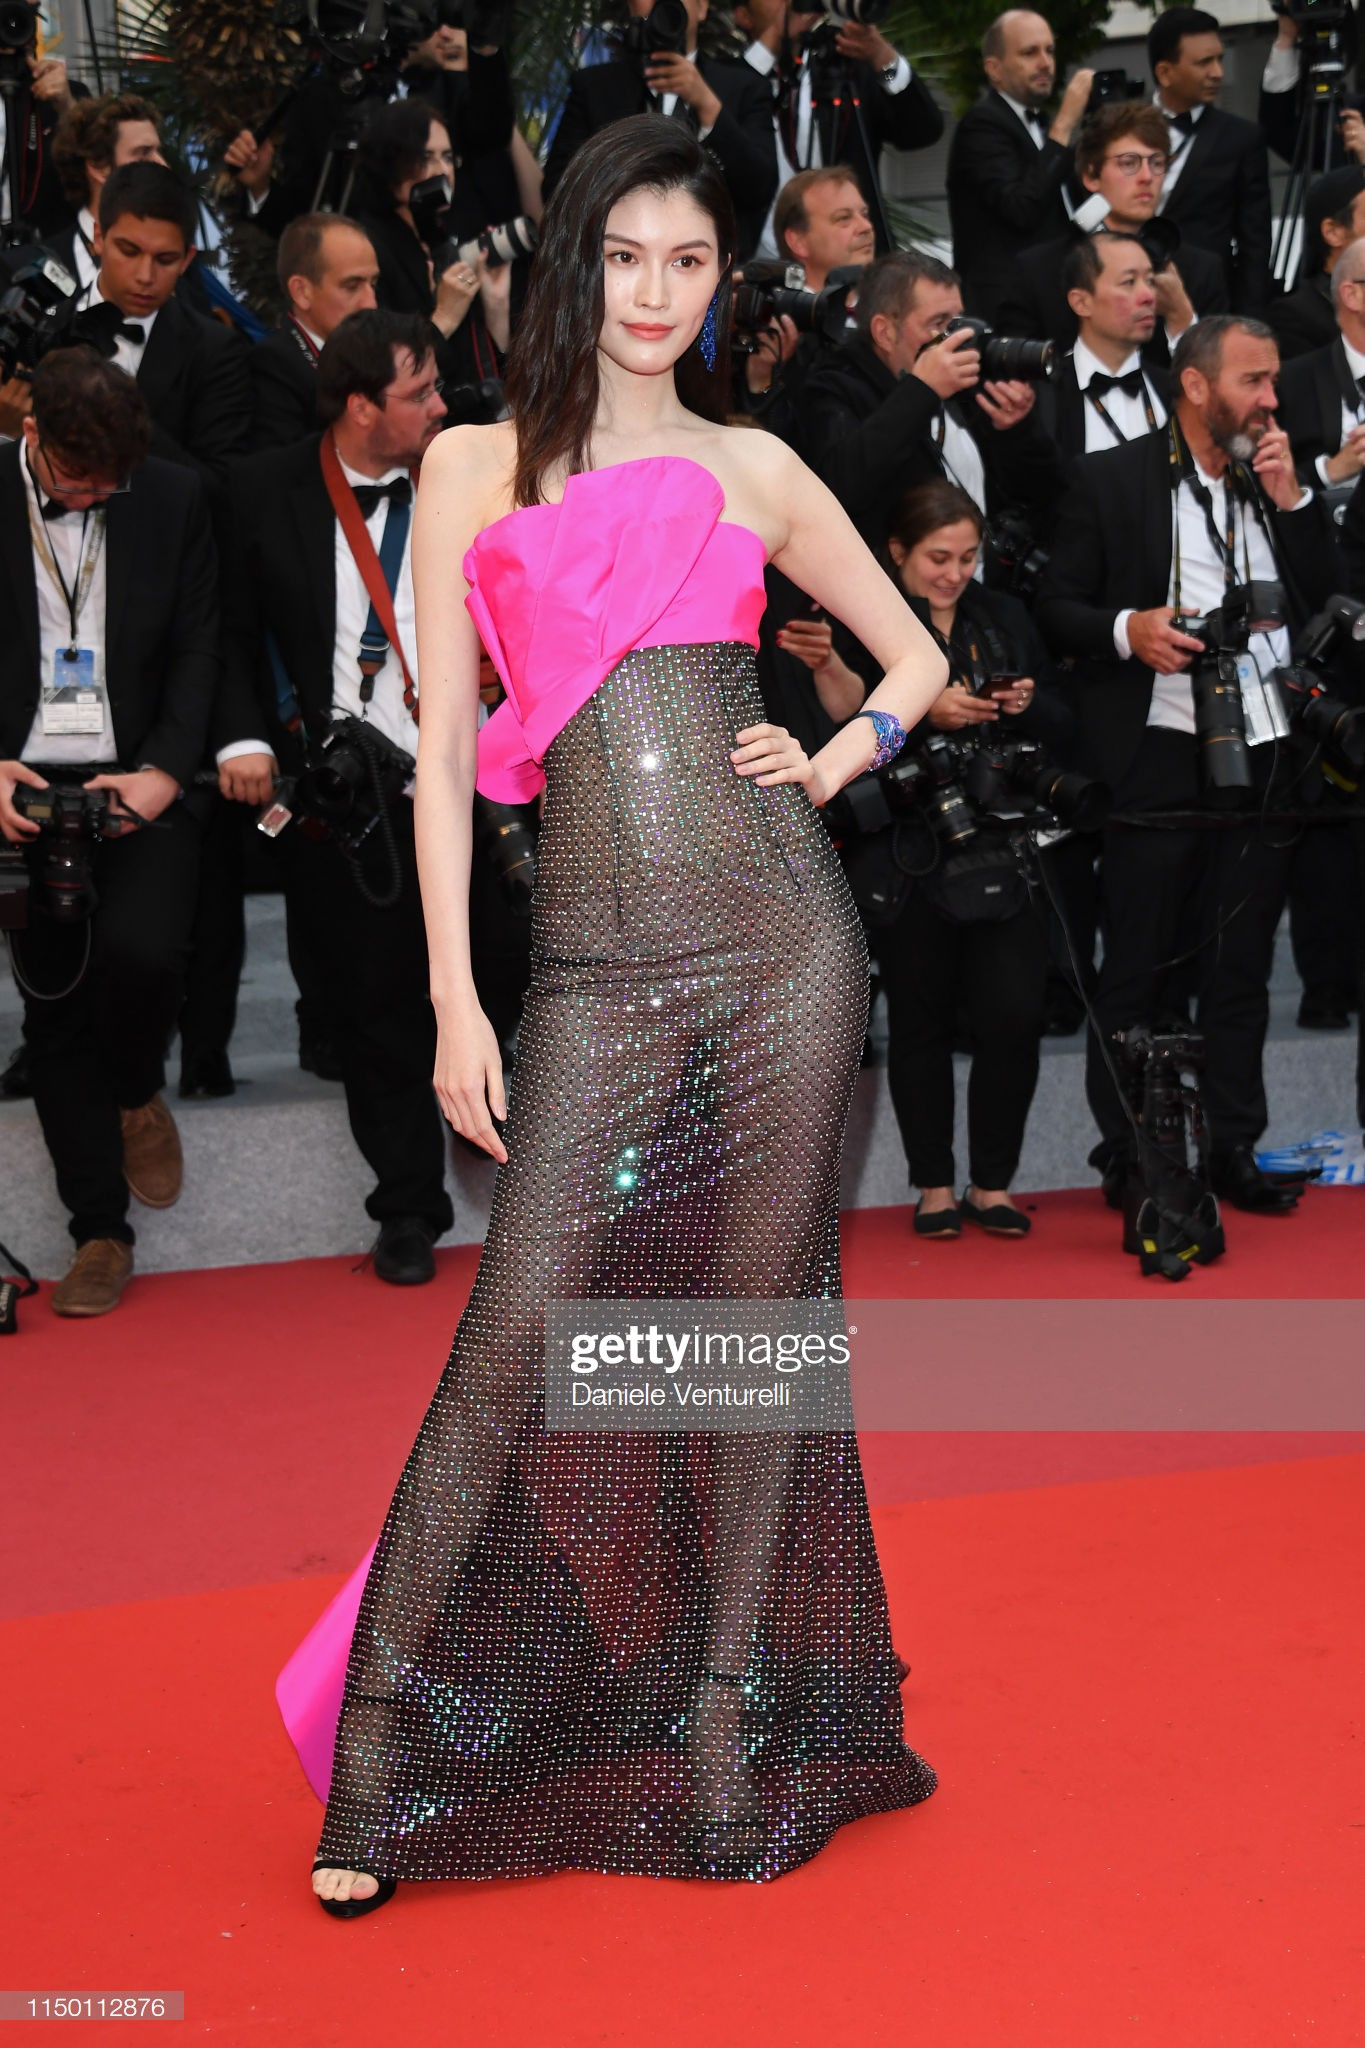 Thảm đỏ Cannes nhường spotlight cho Nick Jonas cung phụng Hoa hậu, Sui He gây sốc như không mặc gì - Ảnh 12.